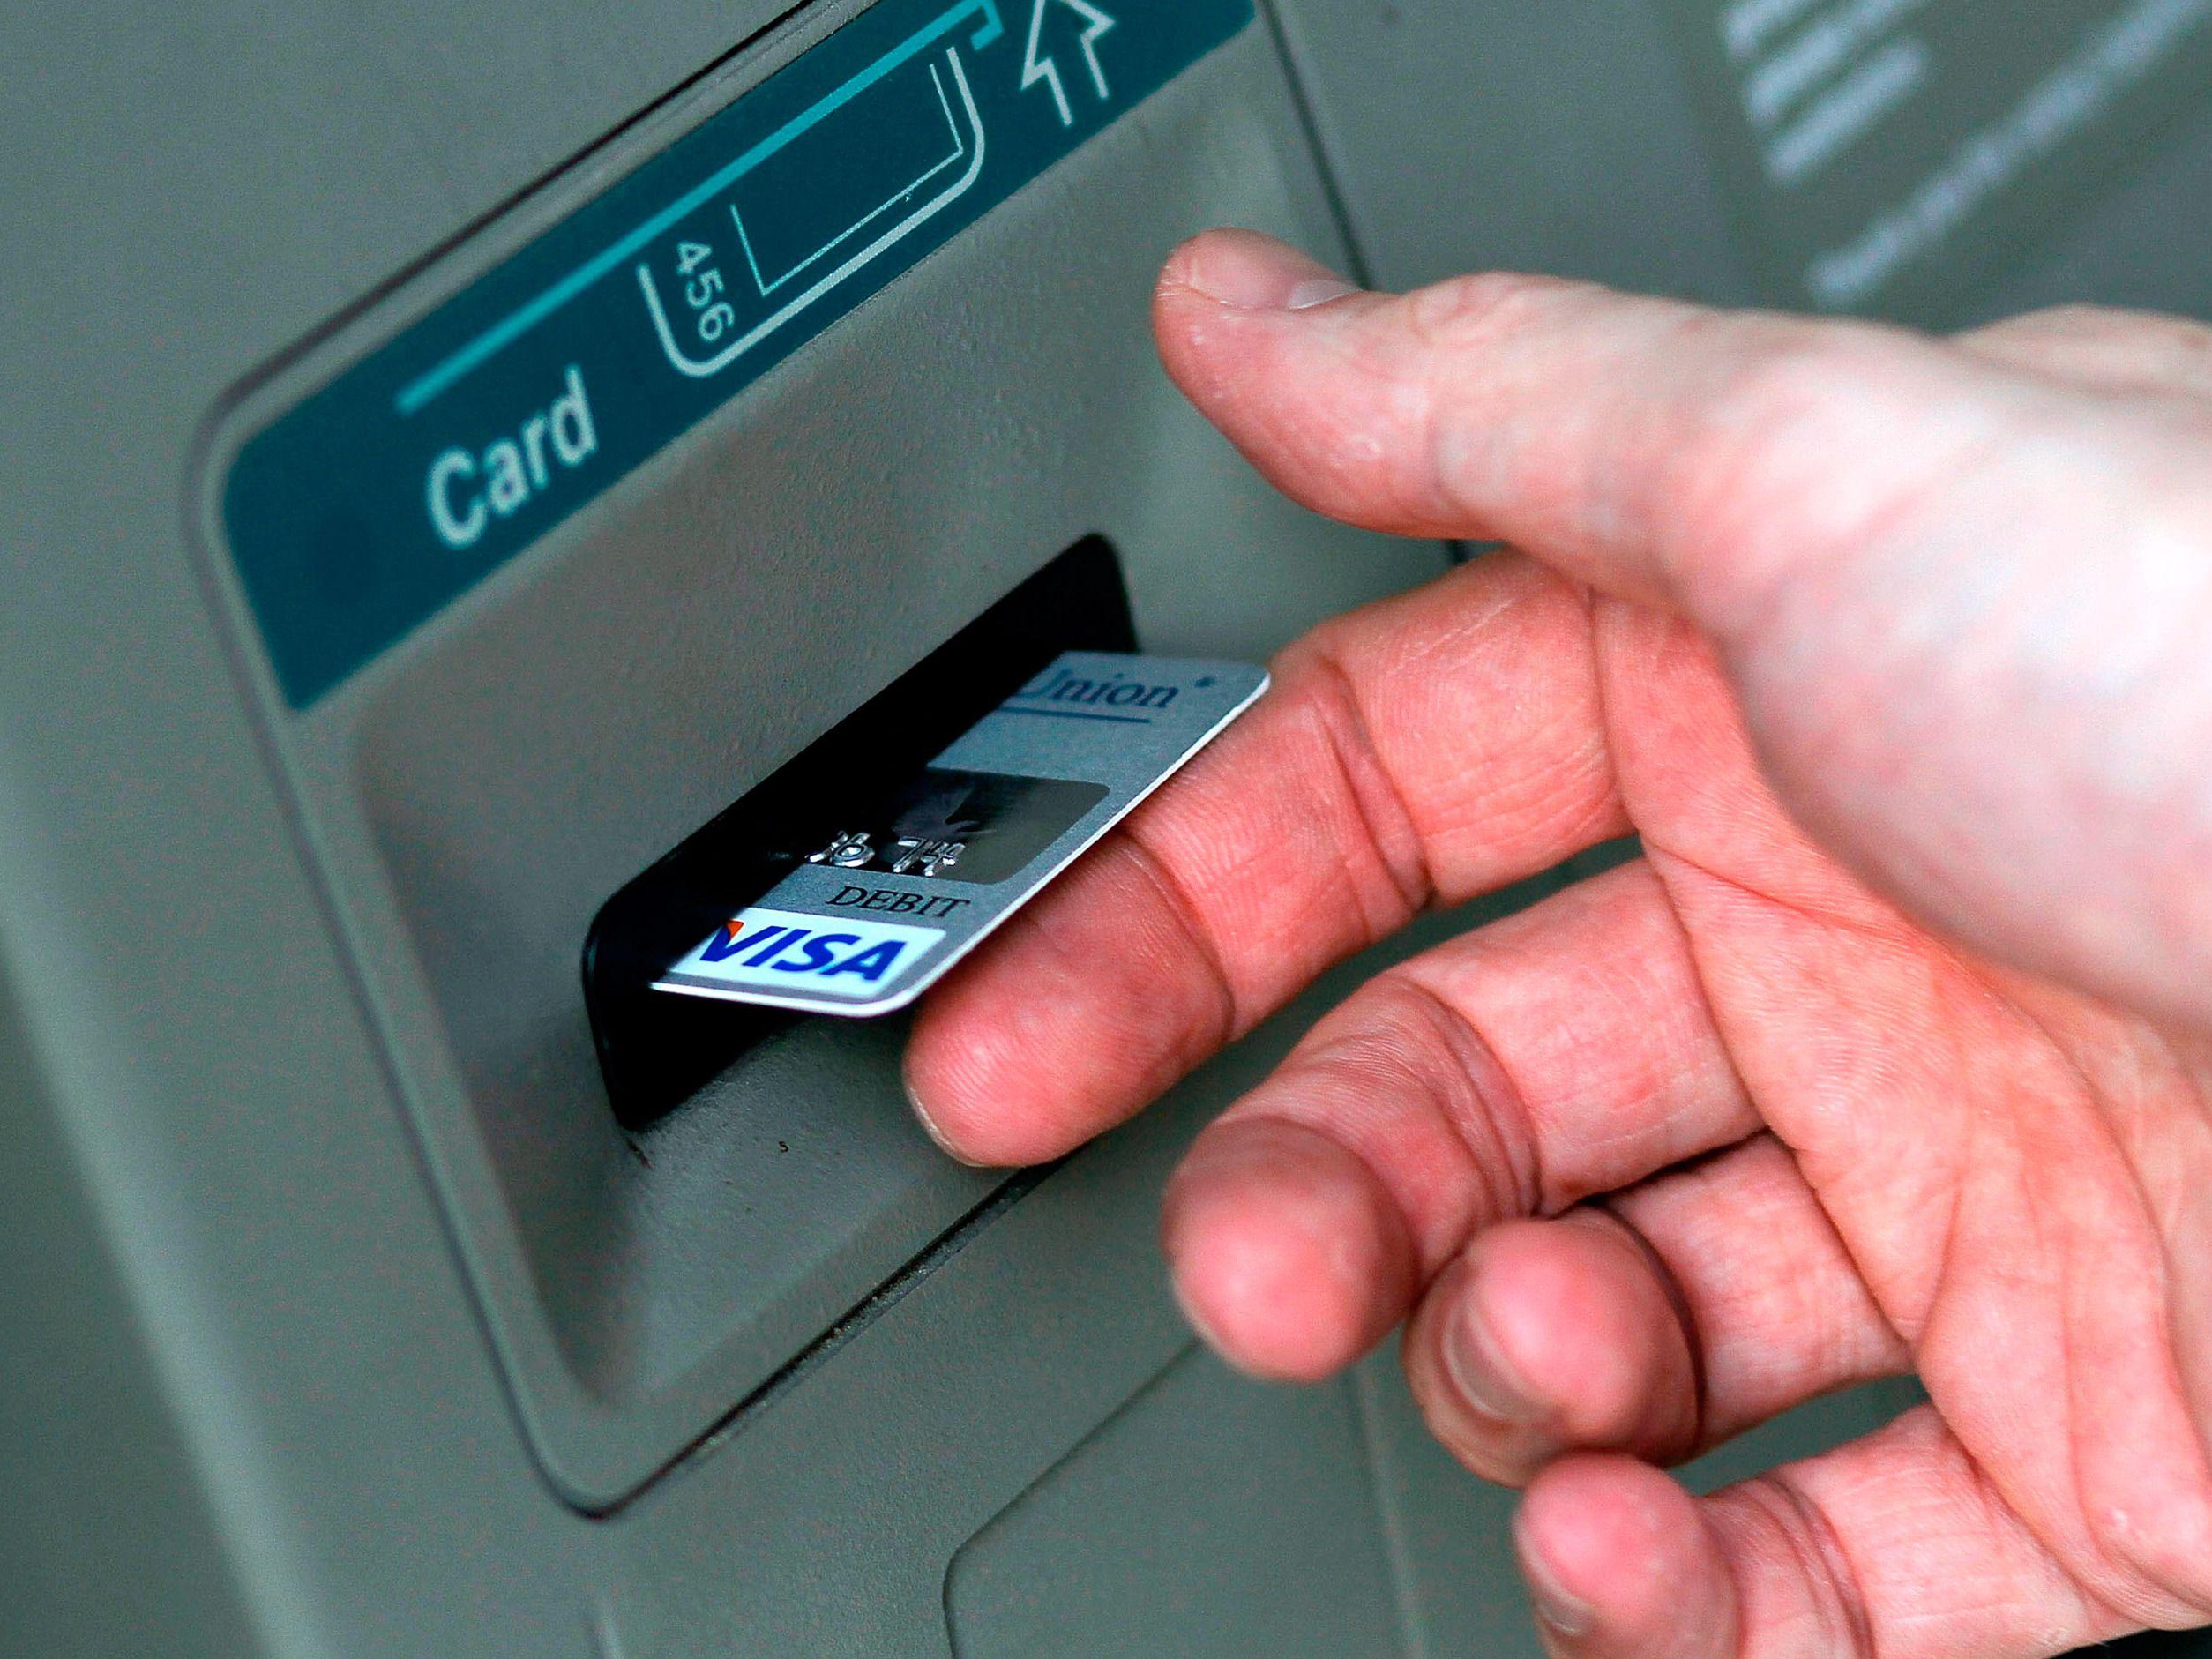 Un virus hace que los cajeros automáticos escupan dinero